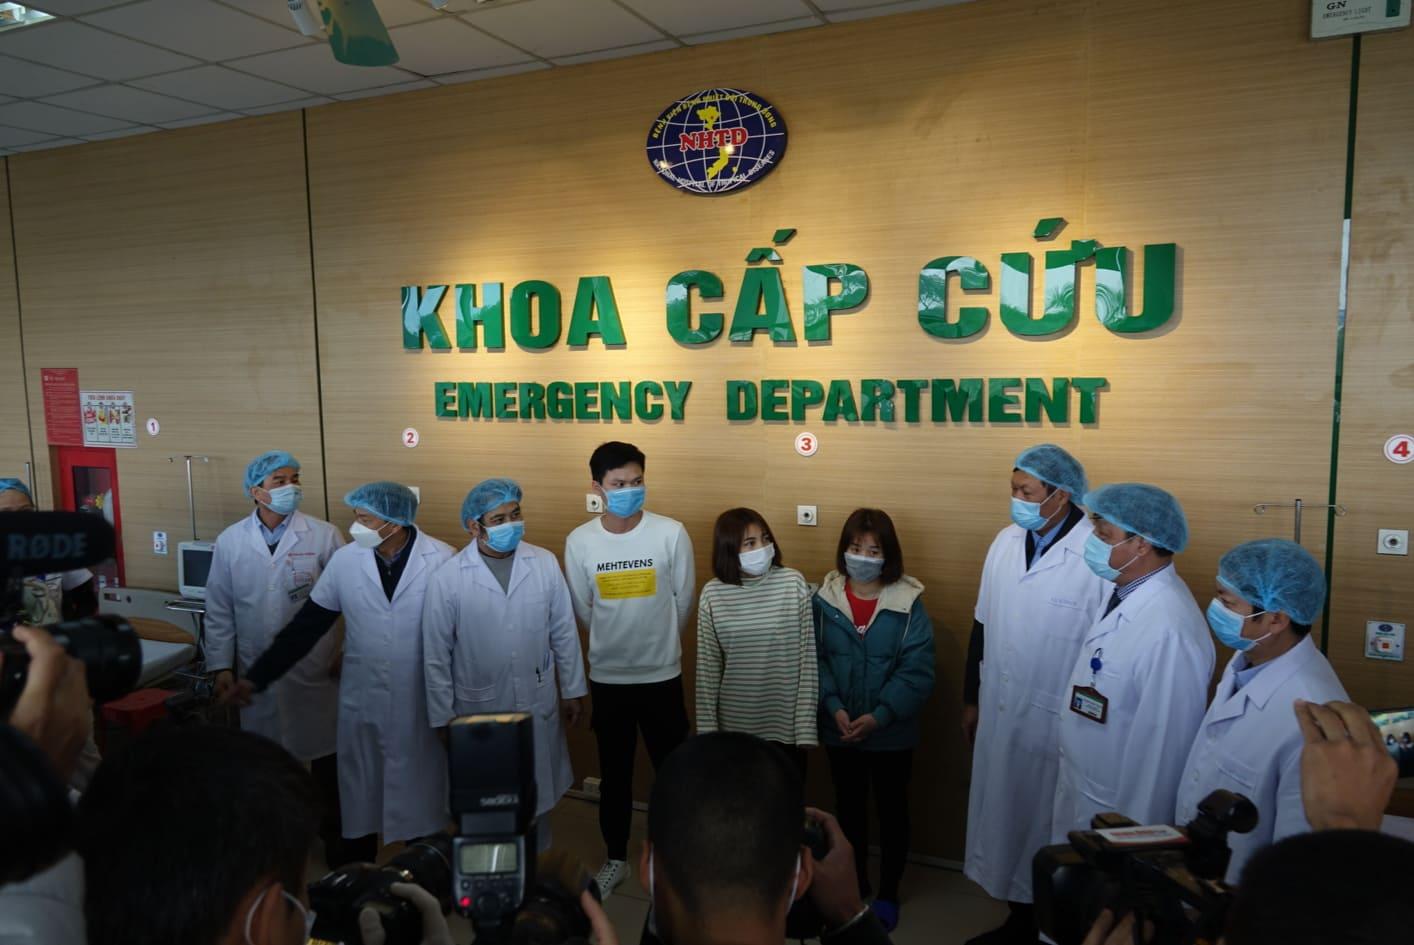 Việc 3 bệnh nhân khỏi bệnh là tín hiệu đáng mừng trong việc phòng, chống dịch bệnh của Việt Nam.